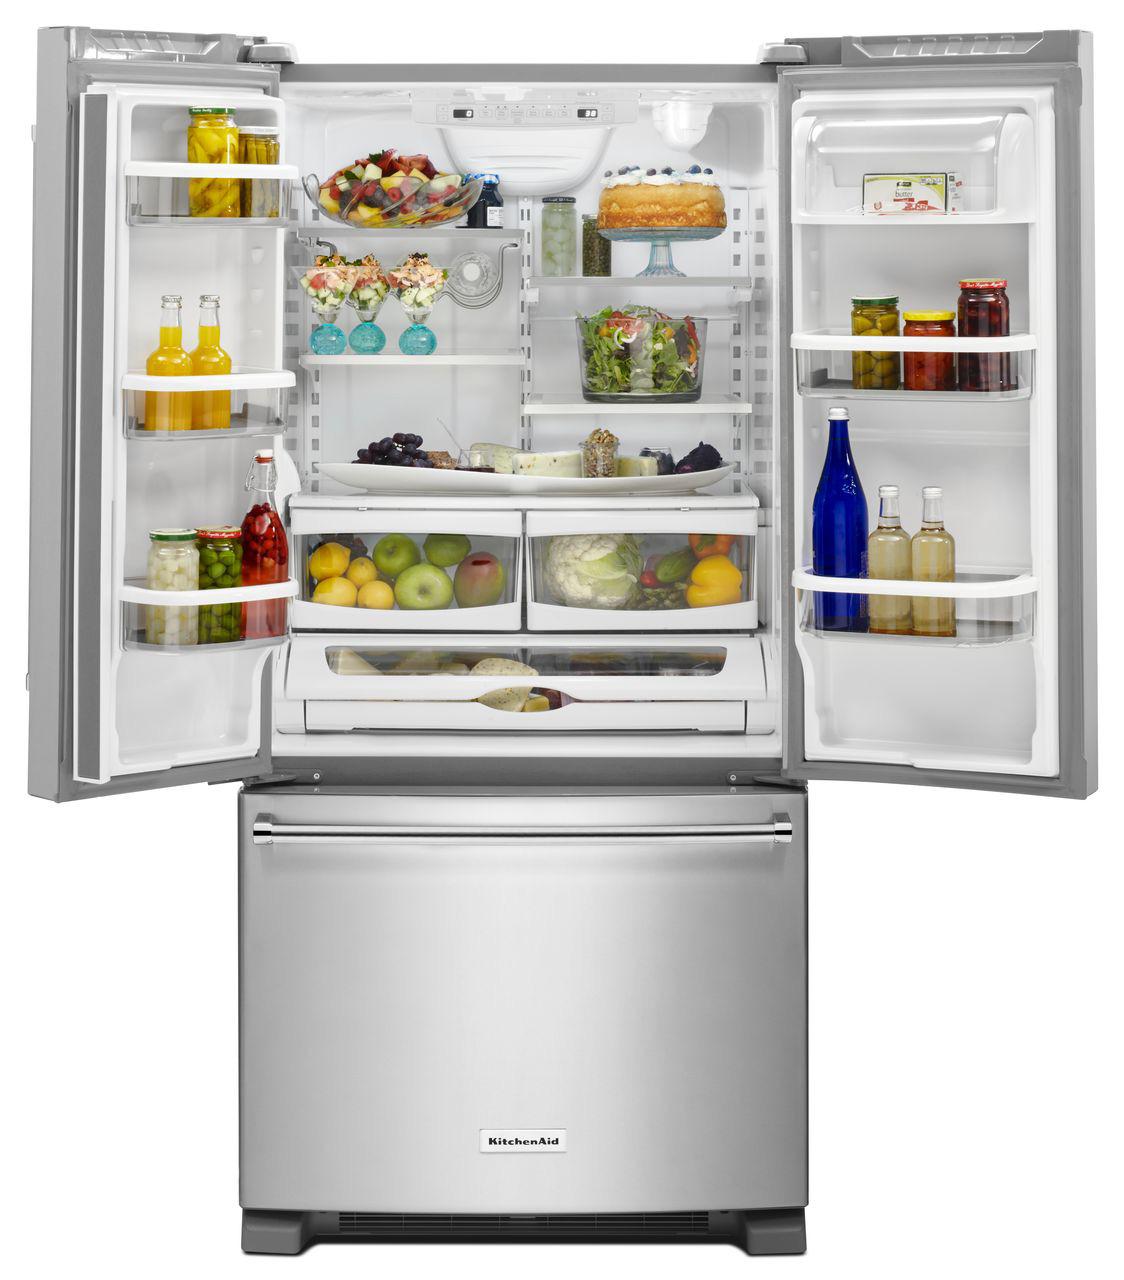 Kitchenaid Refrigerator White kitchenaid white french door refrigerator - krff302ewh